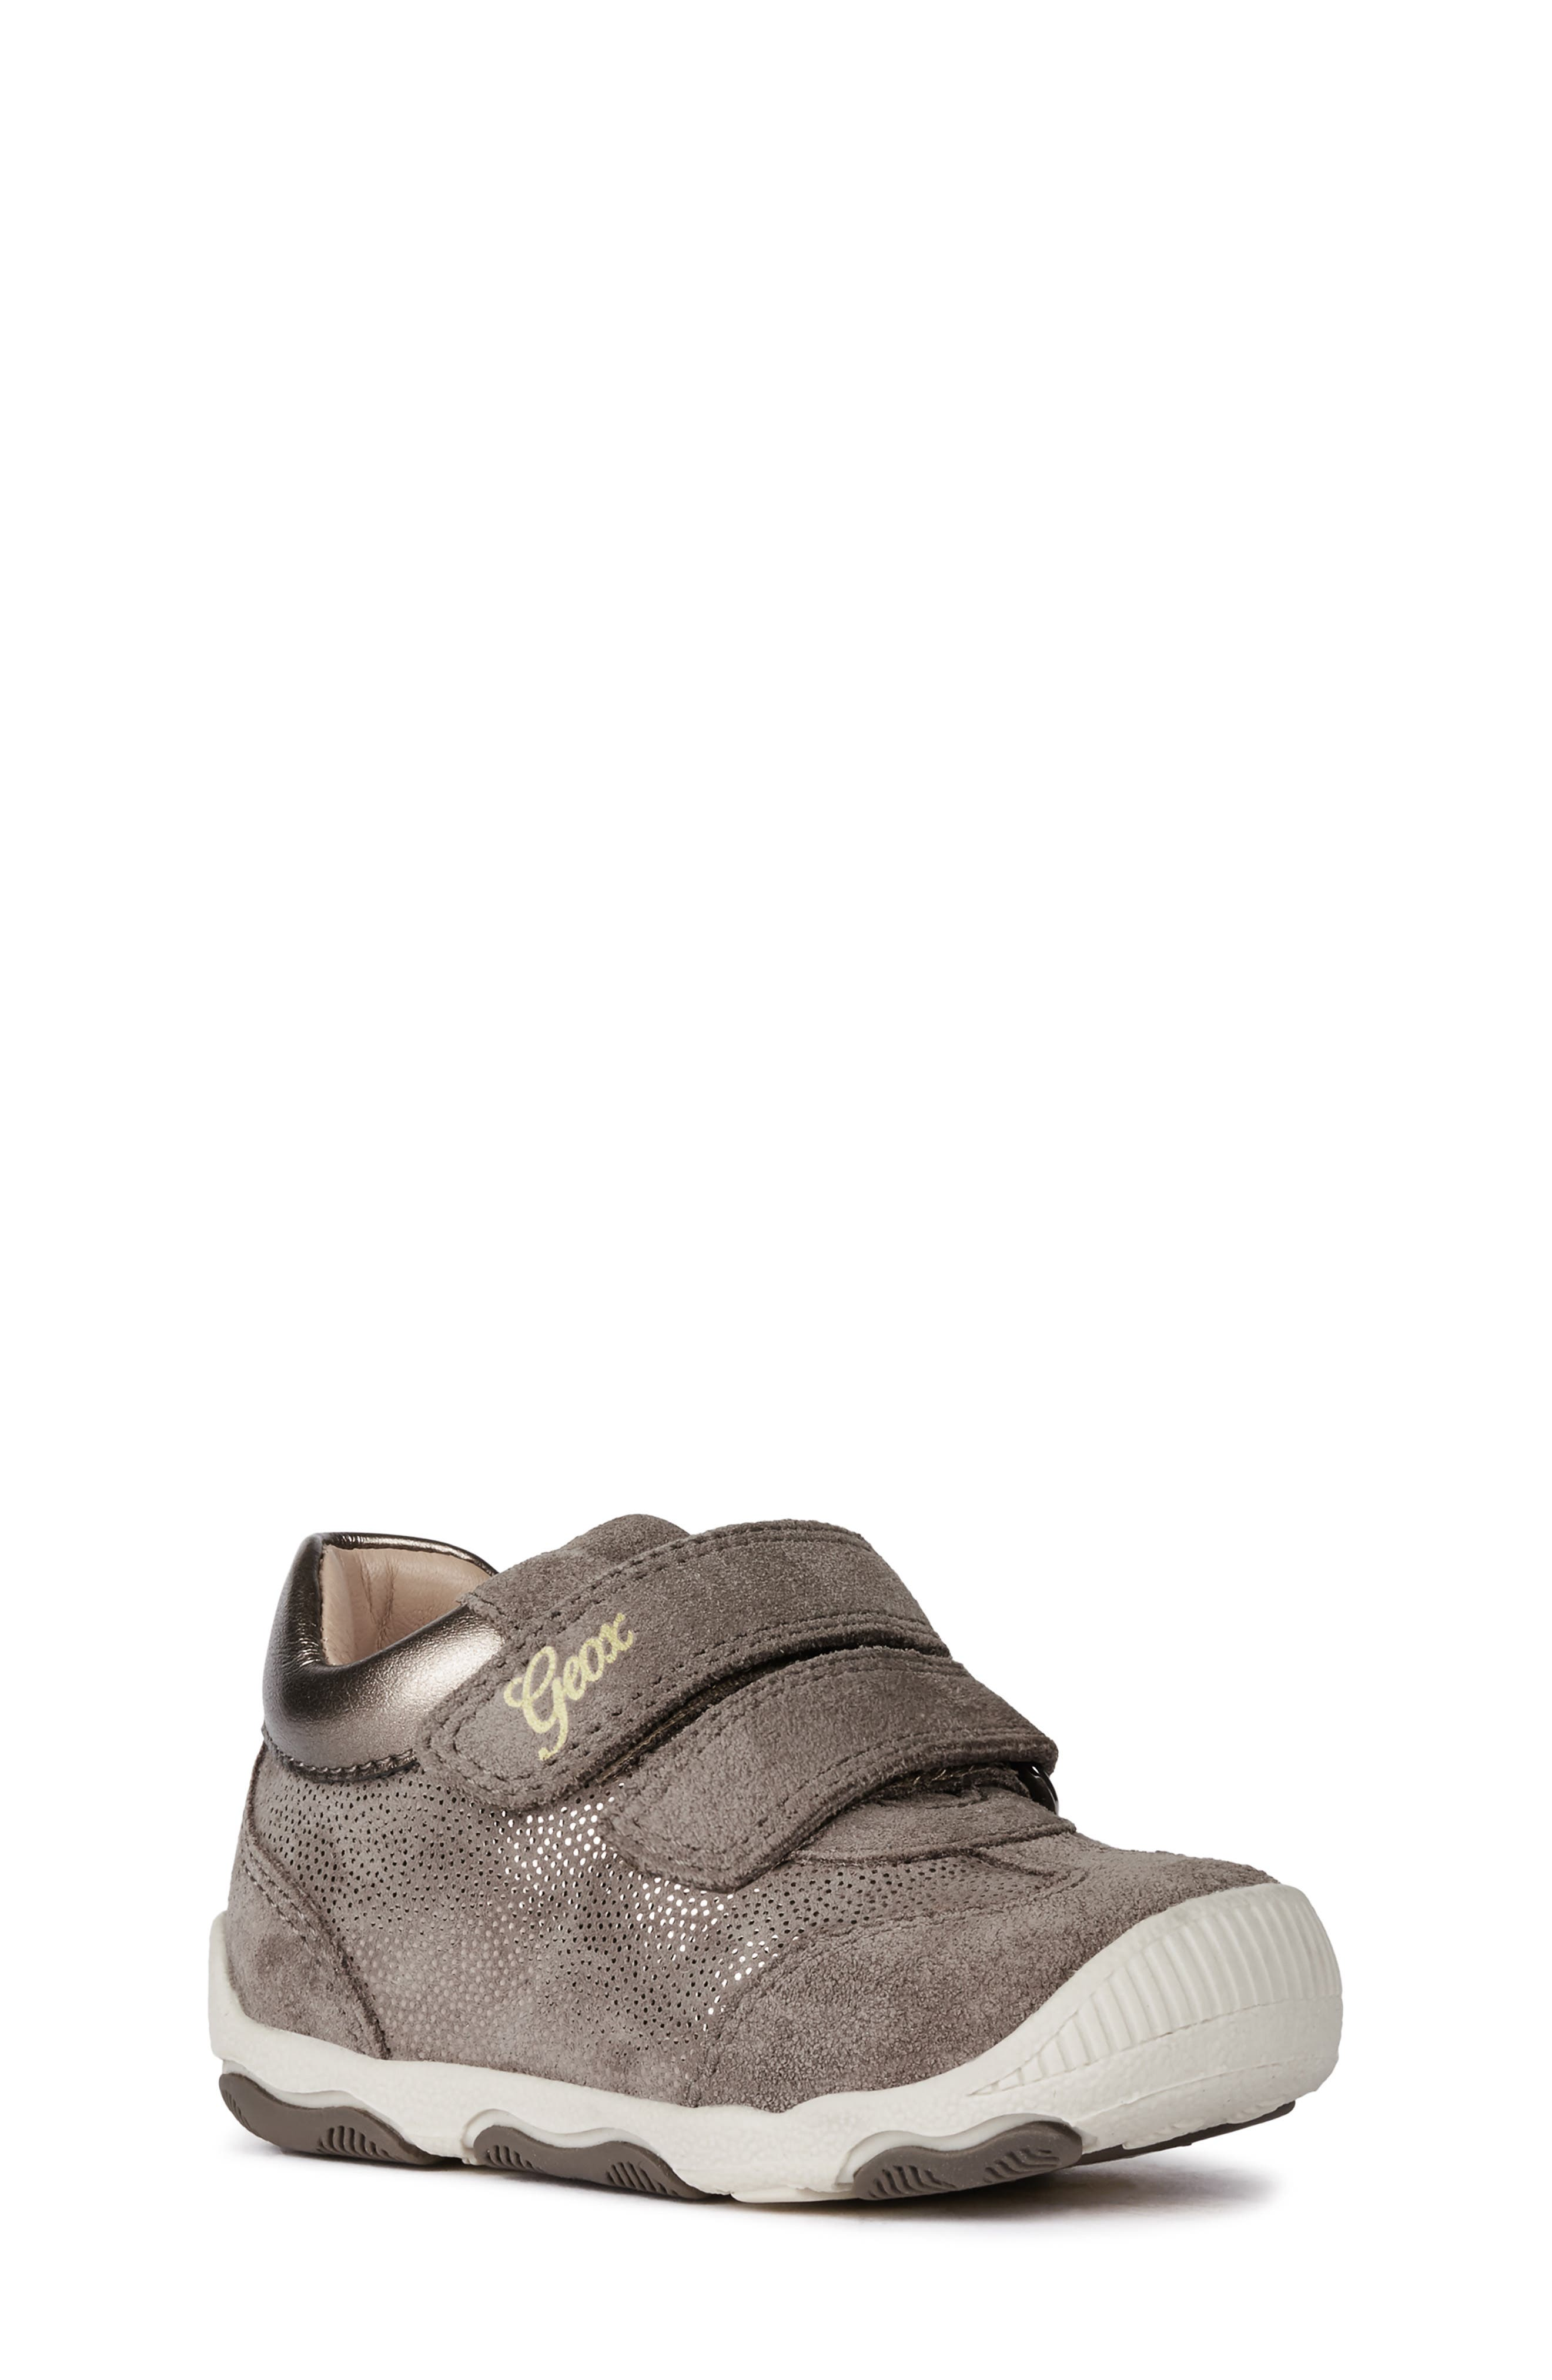 Balu Sneaker,                         Main,                         color, 052